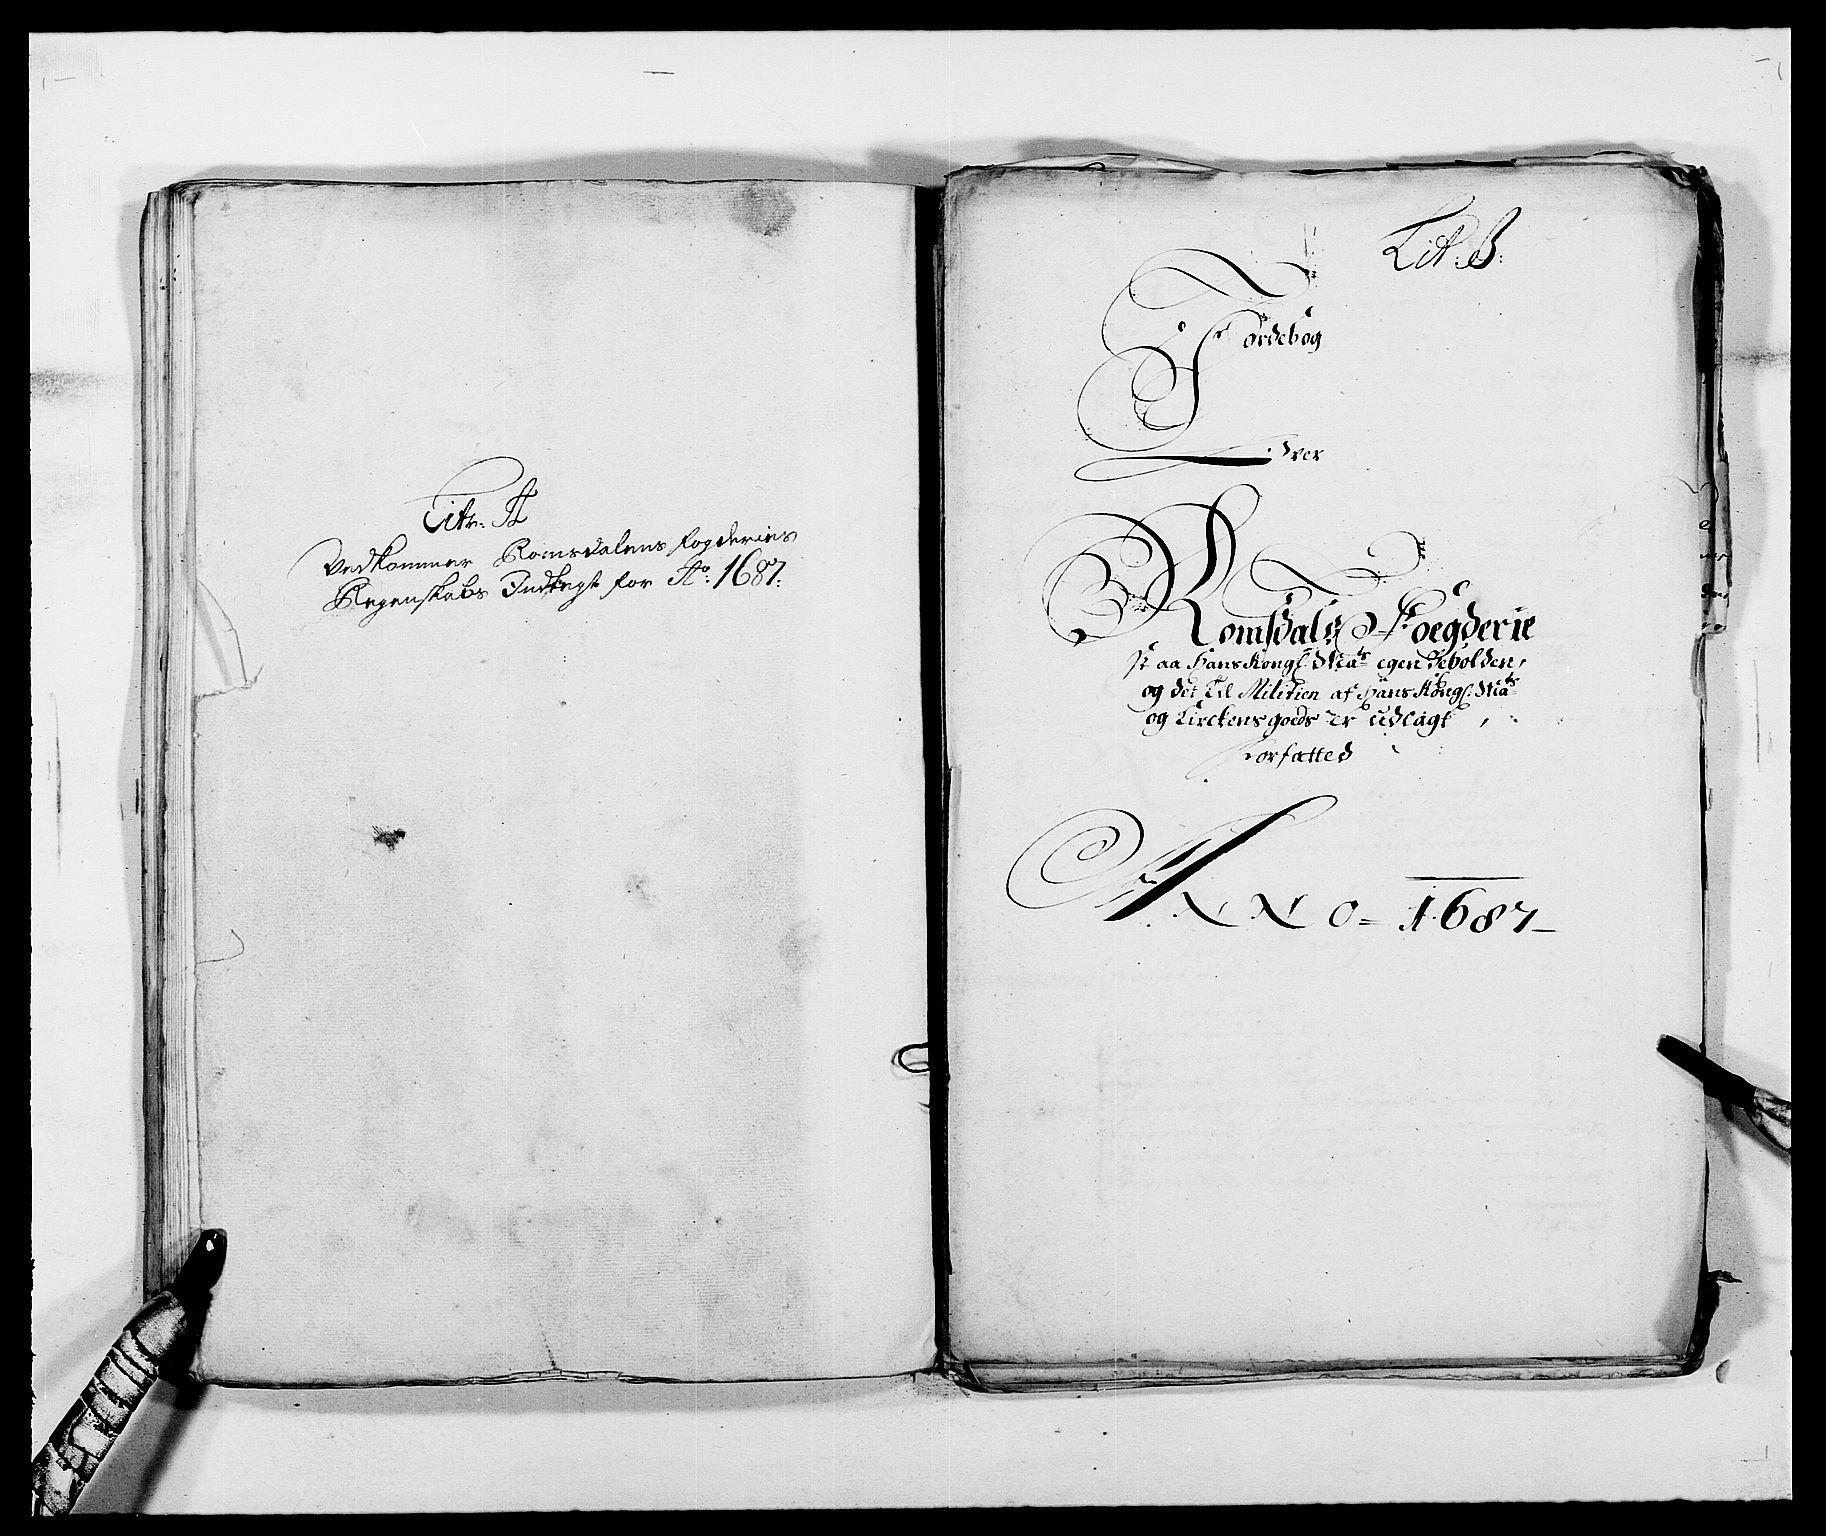 RA, Rentekammeret inntil 1814, Reviderte regnskaper, Fogderegnskap, R55/L3648: Fogderegnskap Romsdal, 1687-1689, s. 58